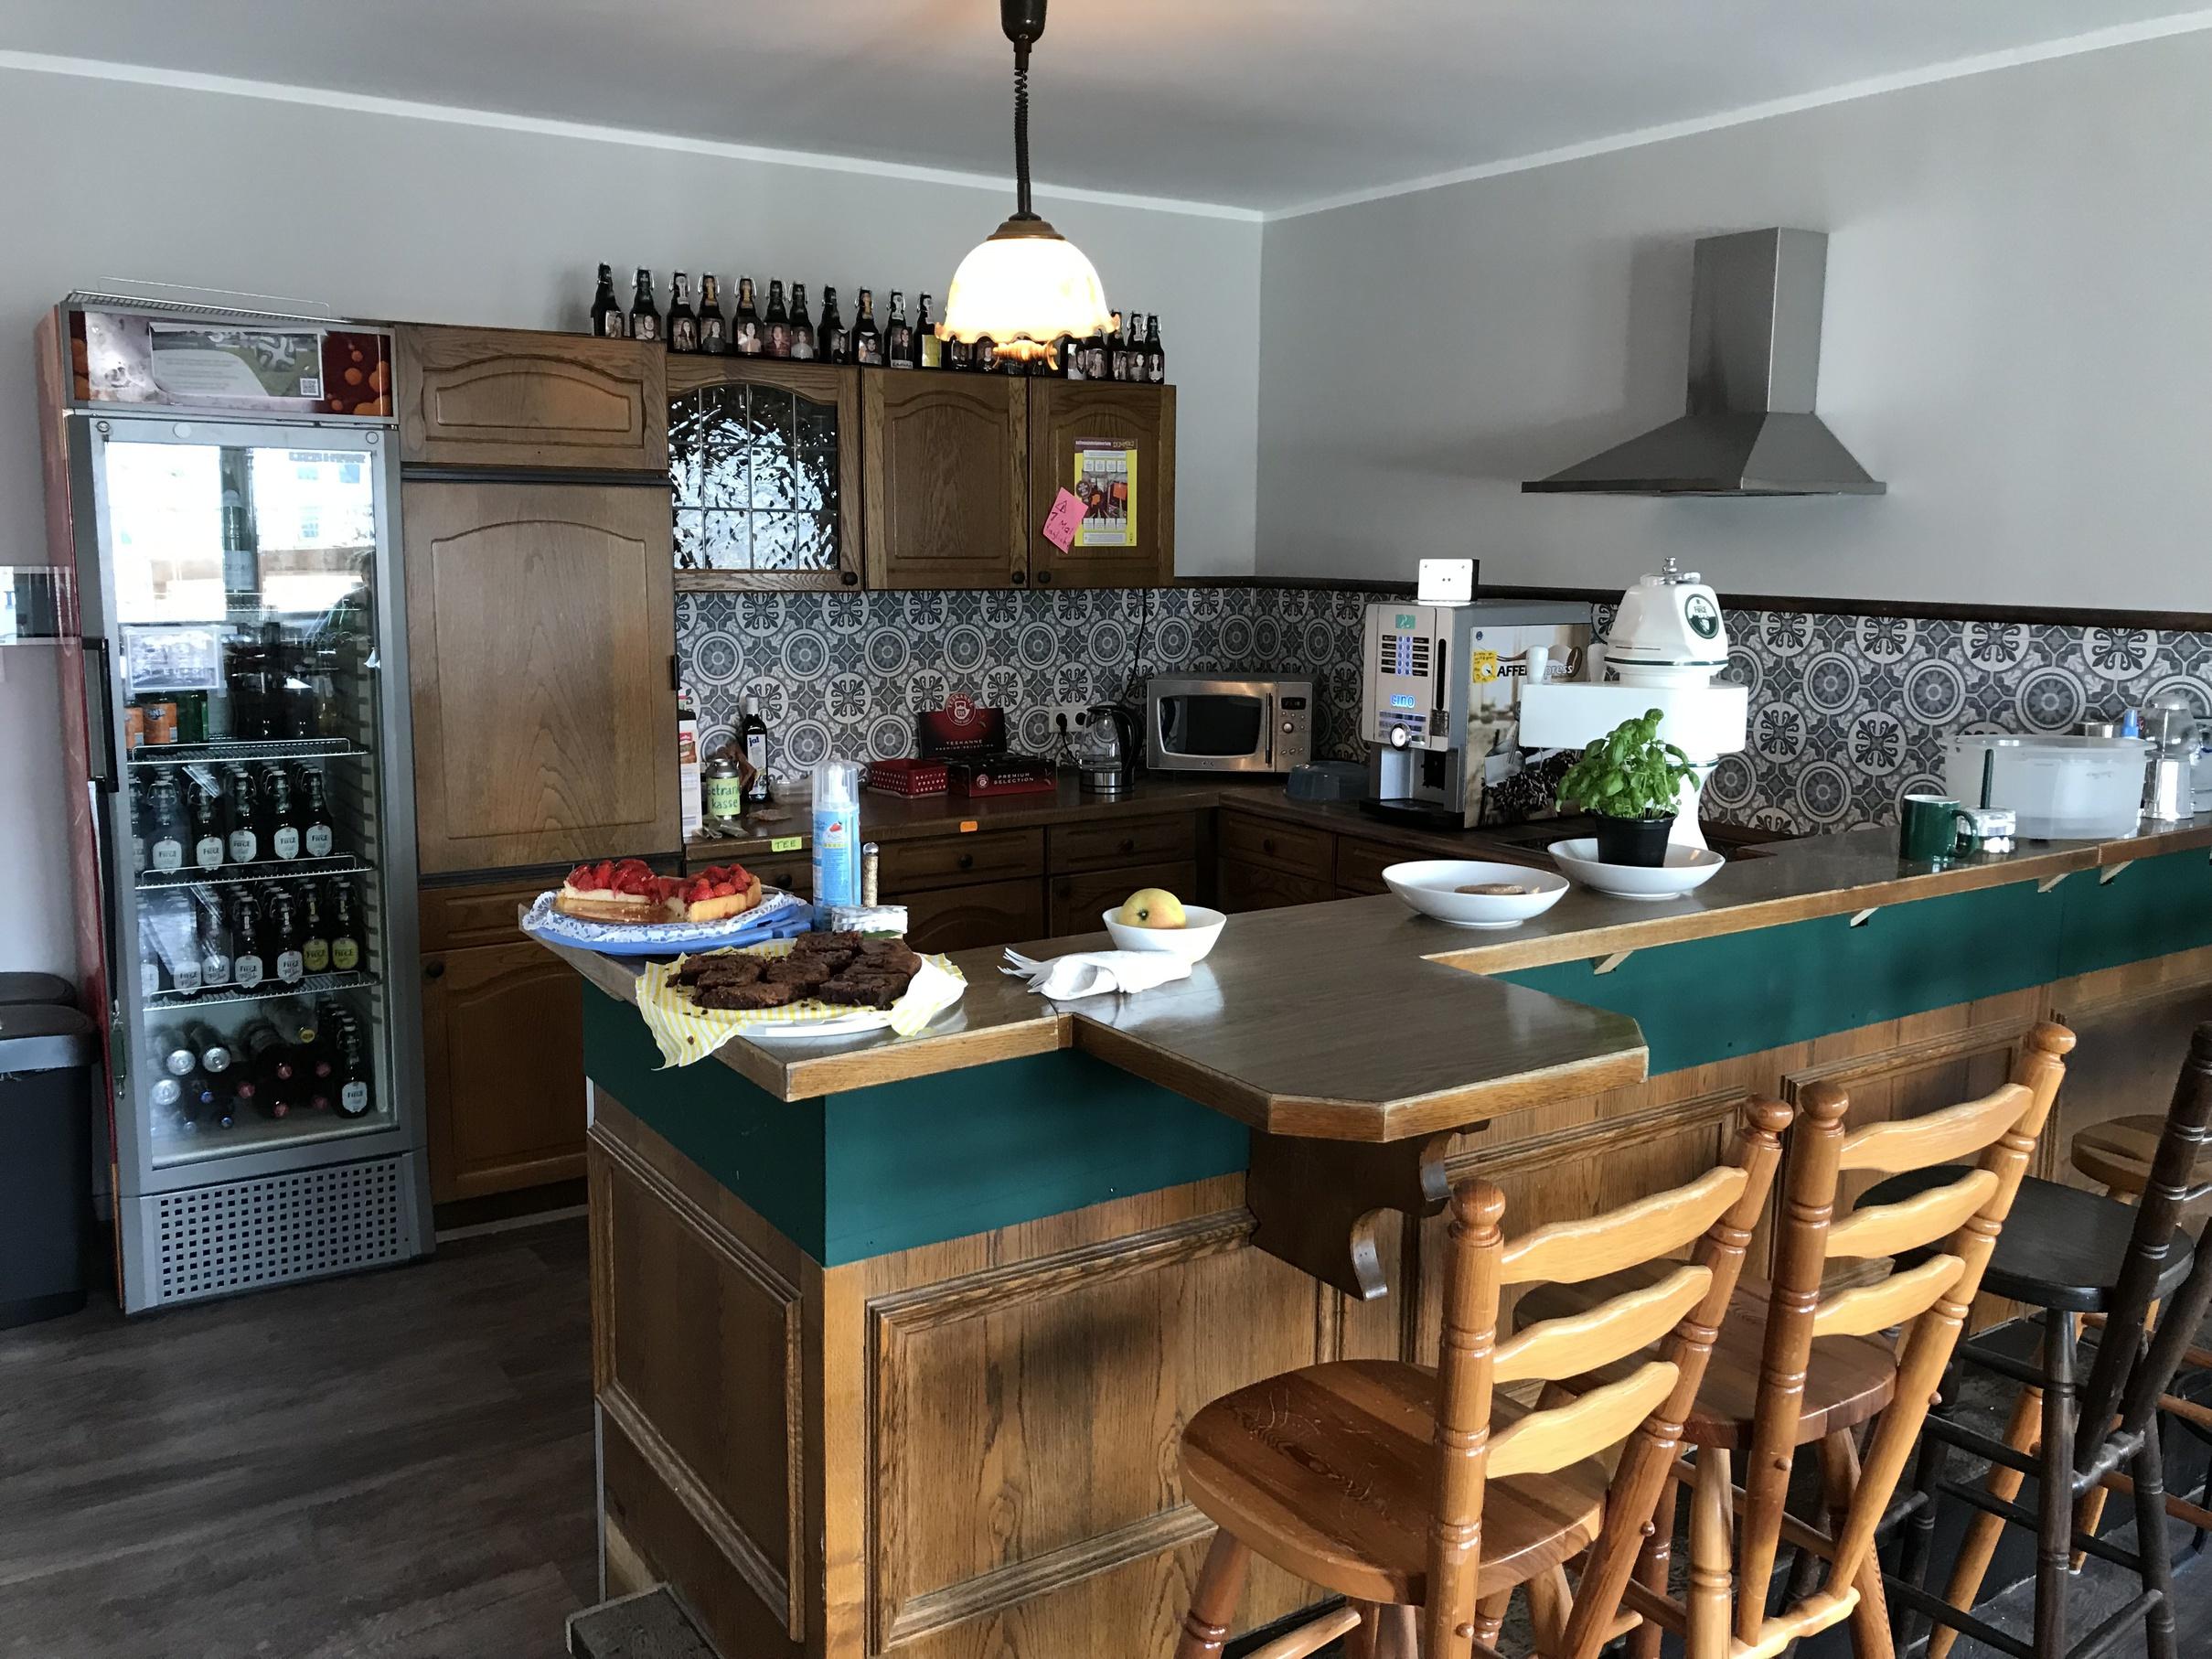 FunkHaus Kitchen